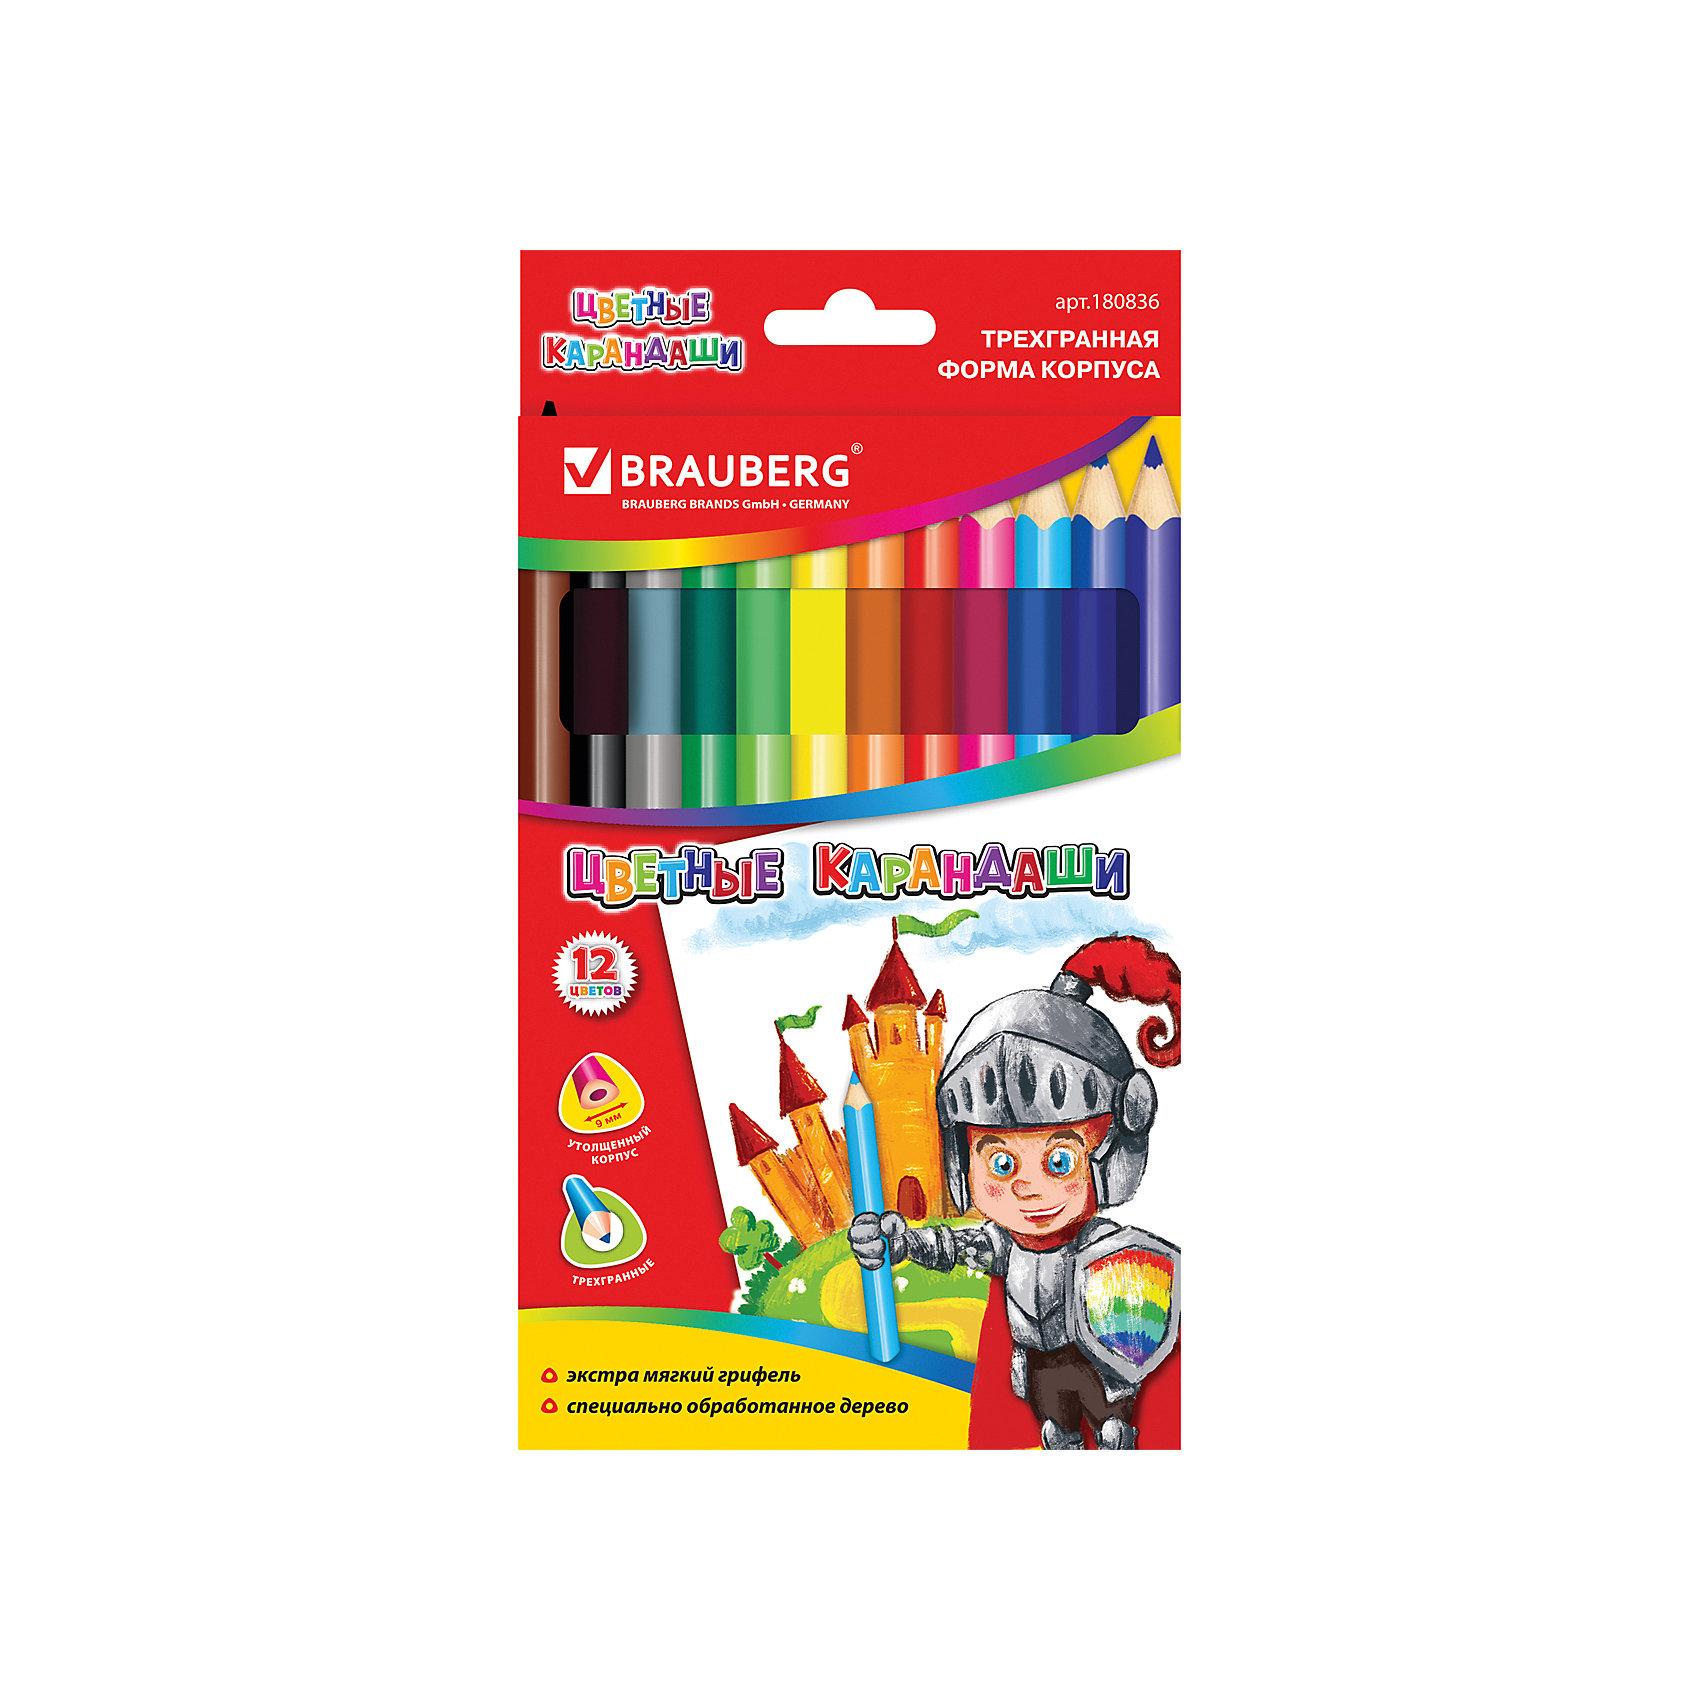 Цветные карандаши 12 цв., BraubergПисьменные принадлежности<br>Мягкий, равномерно красящий грифель изготовлен с использованием натуральных красителей. Рисунок ляжет на бумагу густо, сплошной четкой линией. Увеличенный трехгранный корпус карандаша удобен для юных художников.<br><br>Дополнительная информация:<br><br>- 12 цветов.<br>- Диаметр грифеля - 5 мм.<br>- Высокосортная древесина.<br>- Увеличенный трегранный корпус.<br>- Легко затачиваются.<br>- Размер упаковки: 17,8х0,8х11,3 см.<br>- Вес в упаковке: 140 г.<br><br>Цветные карандаши  Brauberg можно купить в нашем магазине.<br><br>Ширина мм: 178<br>Глубина мм: 8<br>Высота мм: 113<br>Вес г: 140<br>Возраст от месяцев: 72<br>Возраст до месяцев: 2147483647<br>Пол: Унисекс<br>Возраст: Детский<br>SKU: 4792670